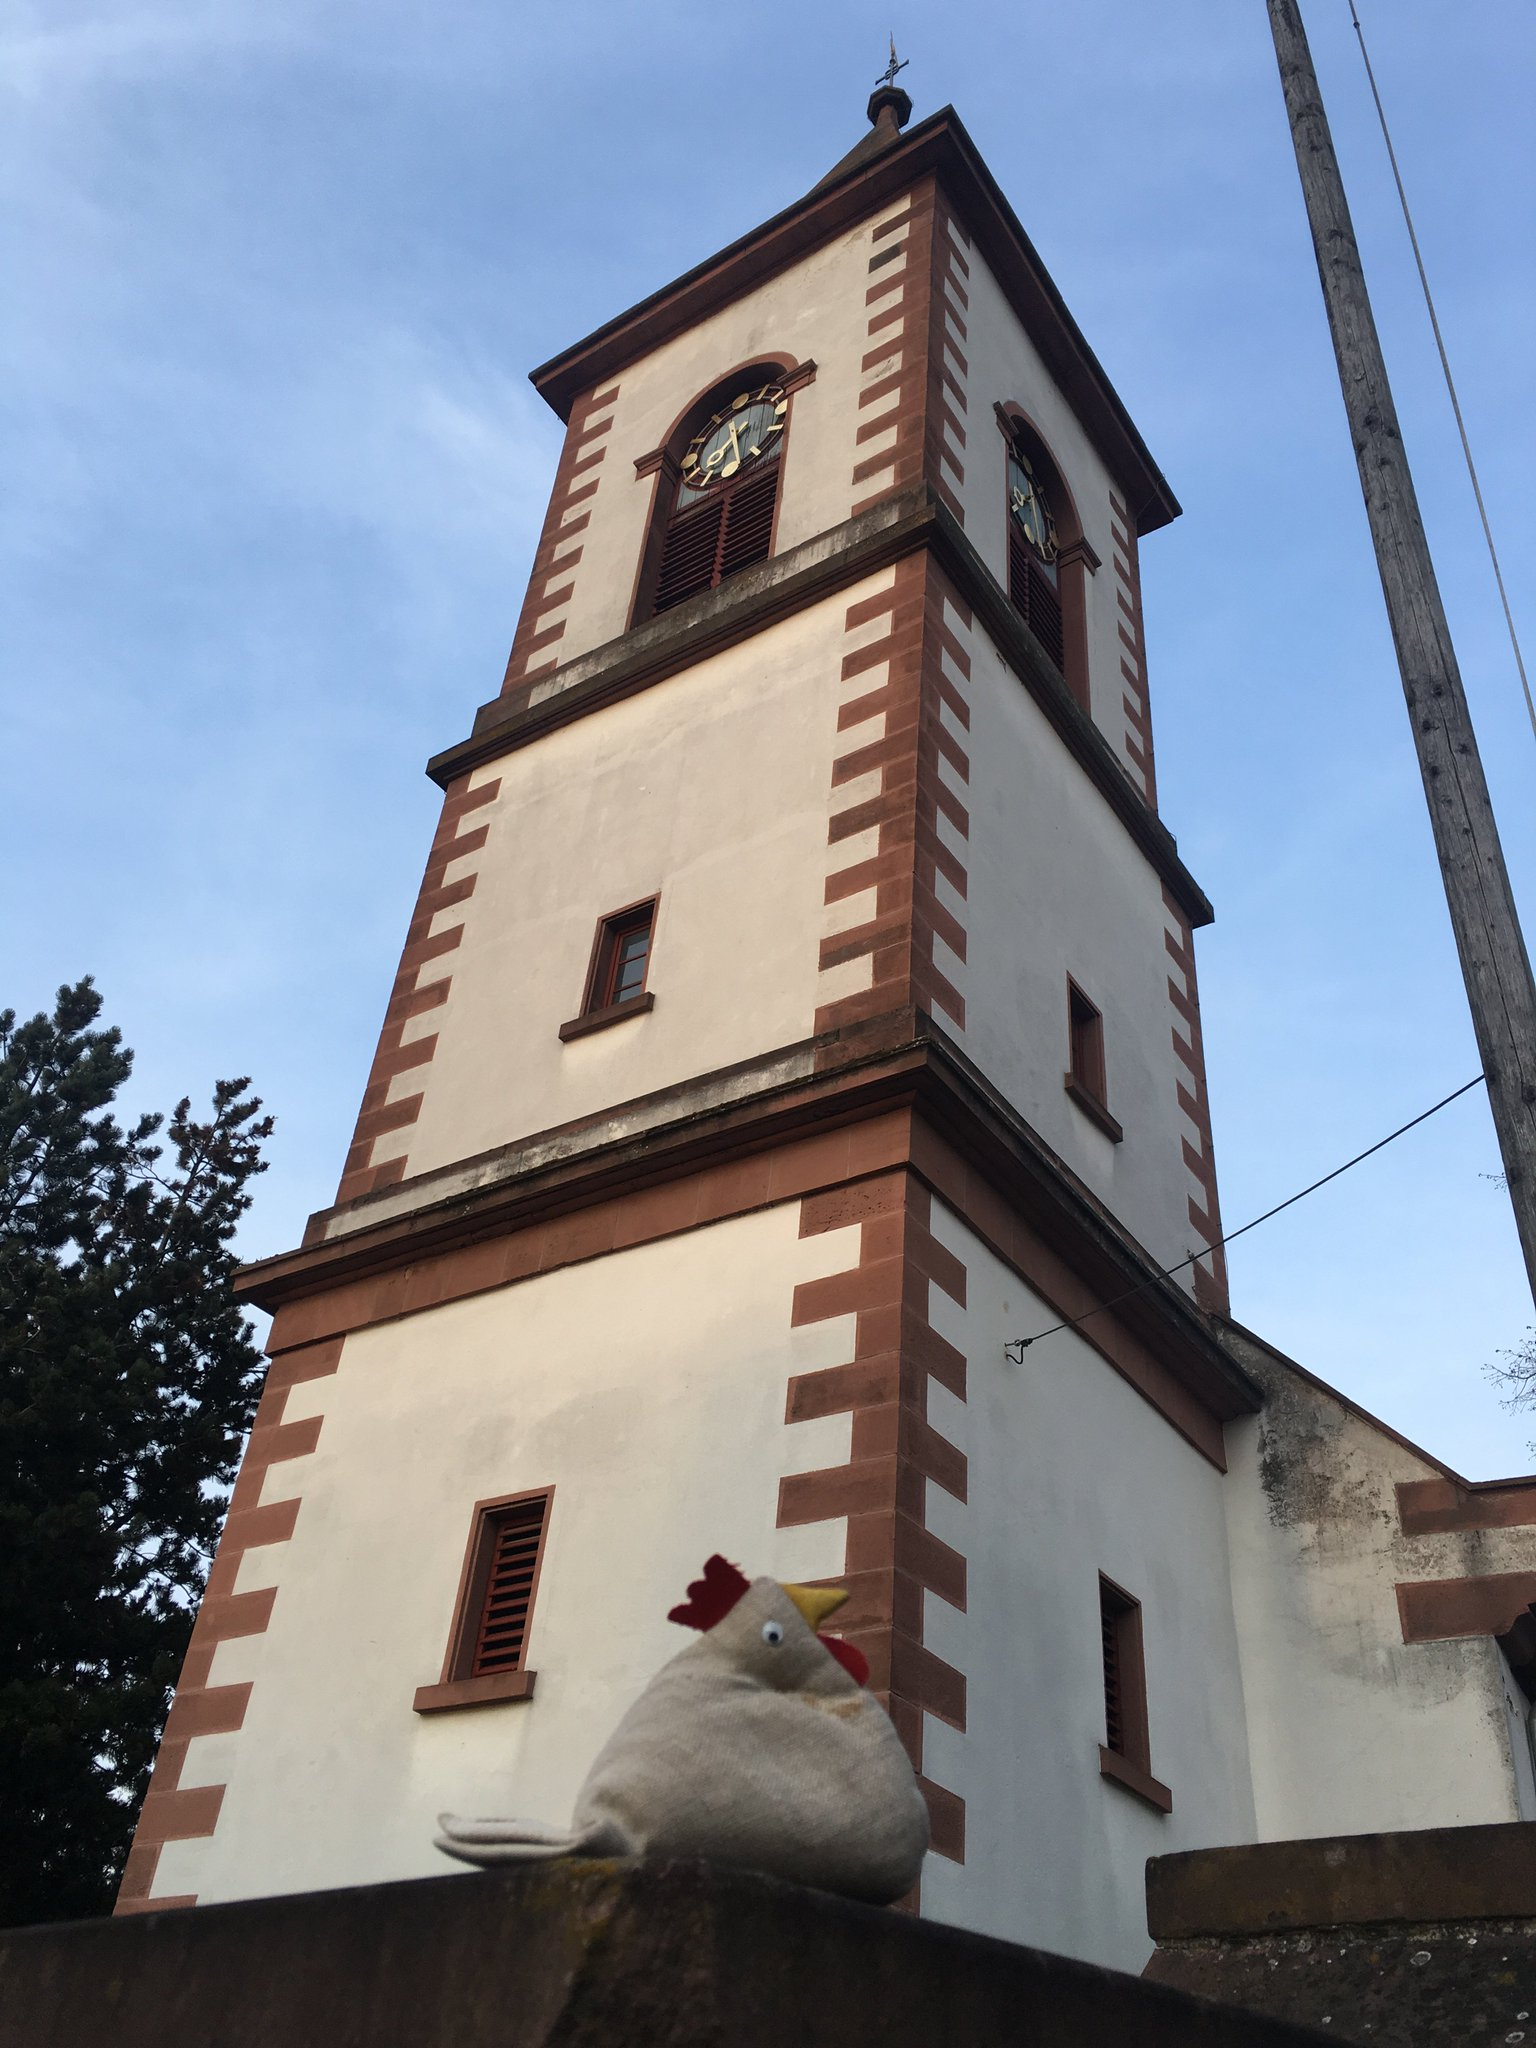 An der Kirche #meurers #vcrhh17 #Vinocamp https://t.co/OwbOqq47sN